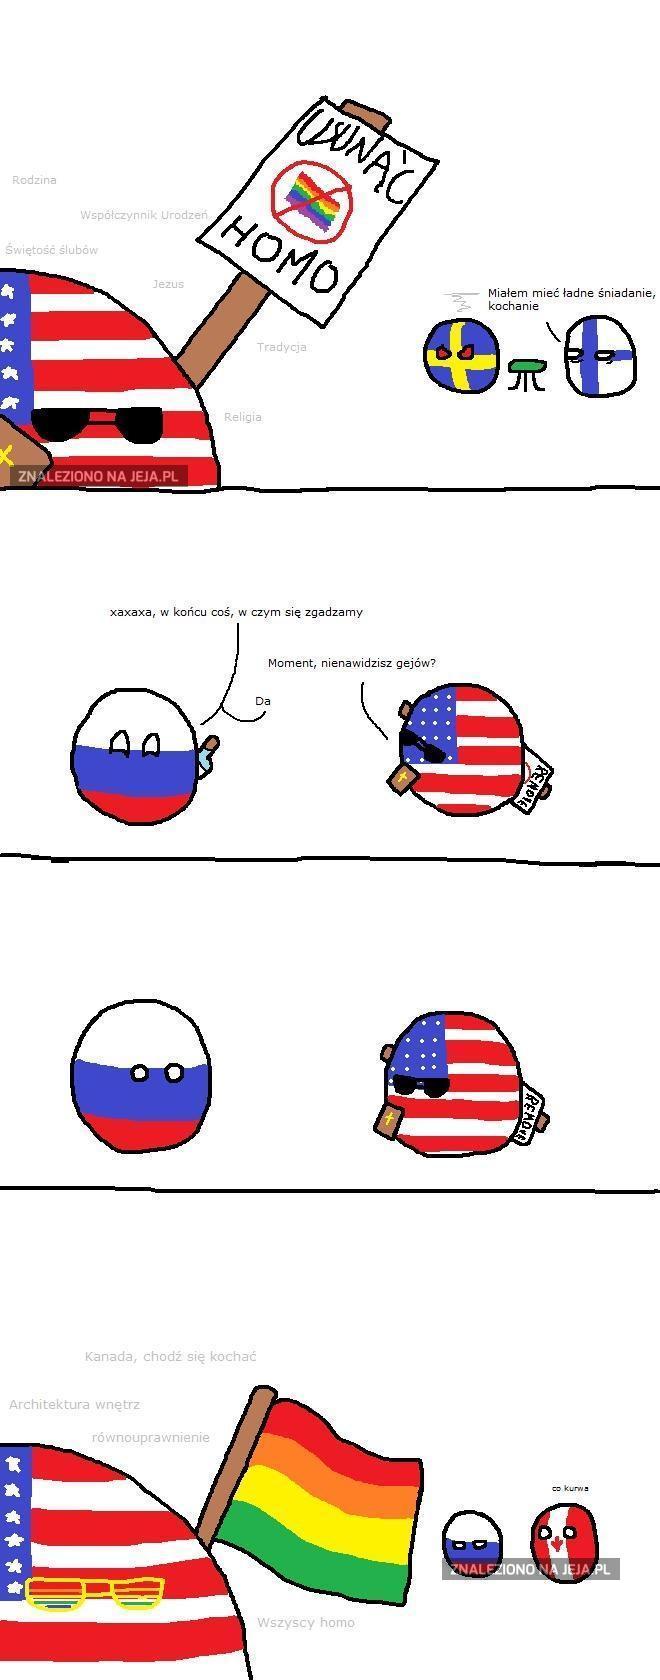 Ameryka i zmiana poglądów